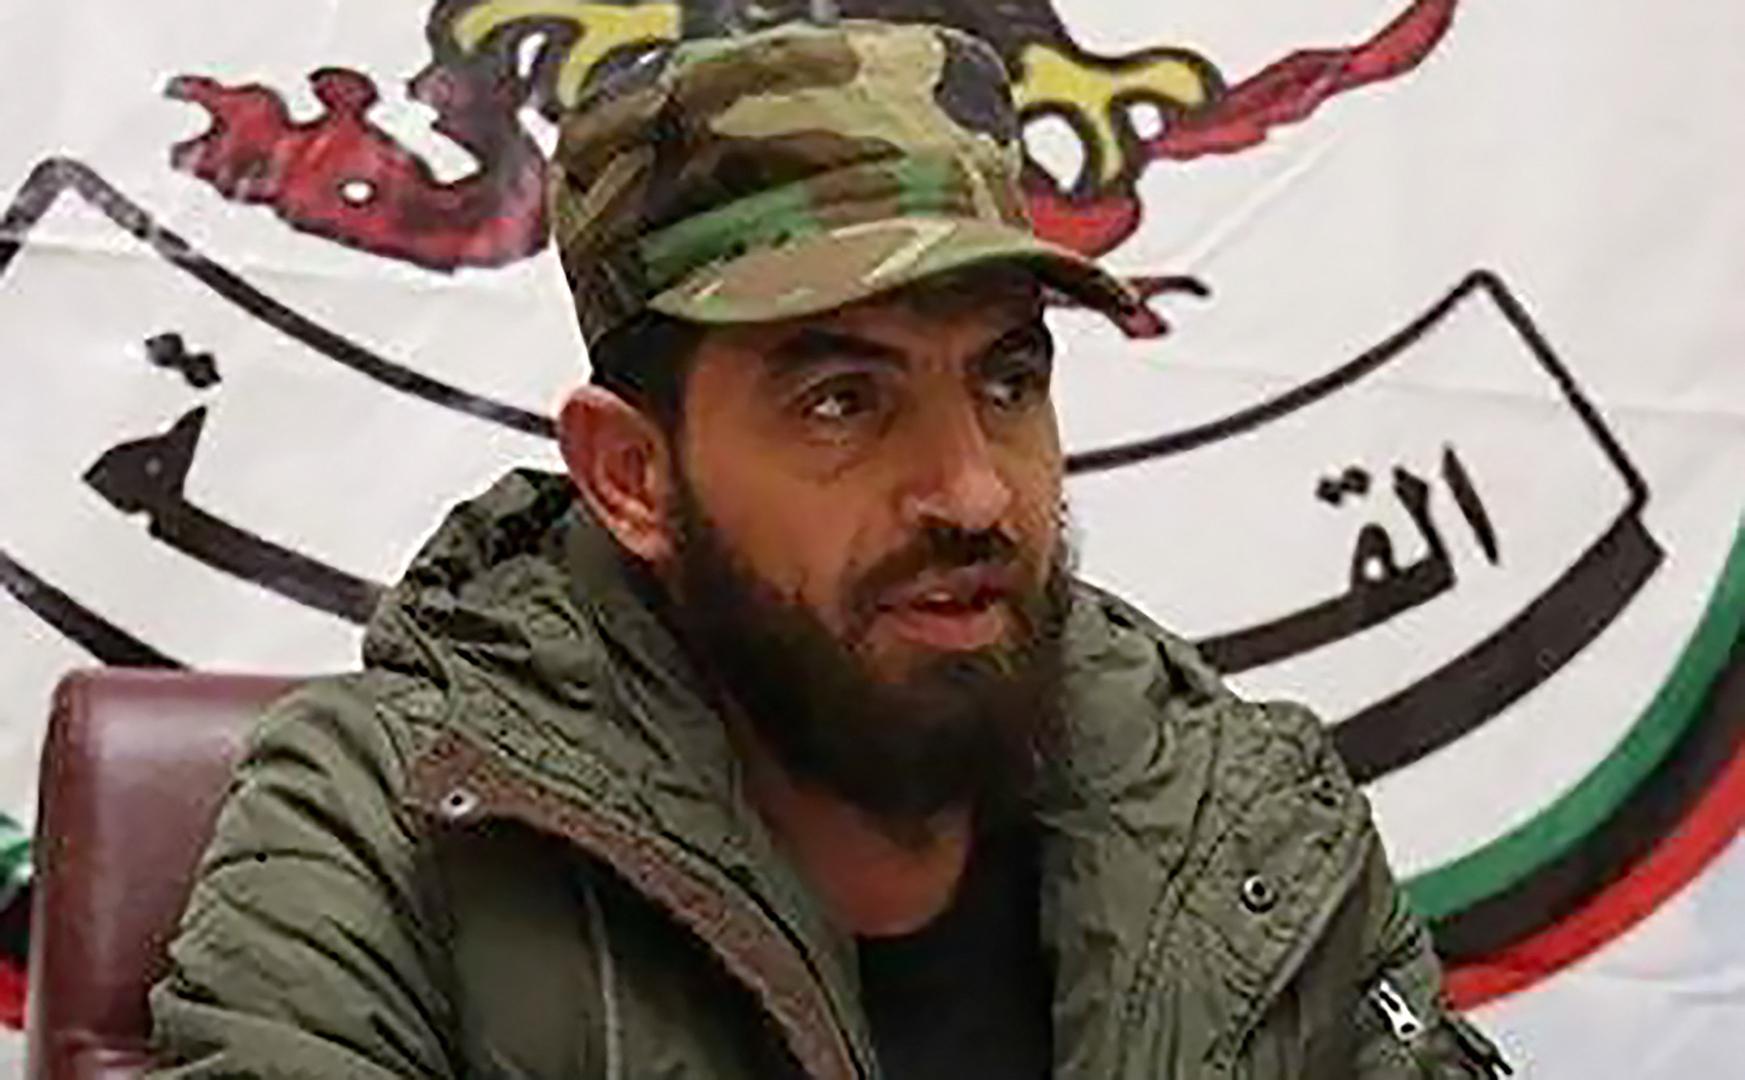 محمود الورفلي يحطم وكالة سيارات تويوتا في بنغازي ويتوعد صاحبها: ابق بالخارج وإياك أن تعود فأنت ميت